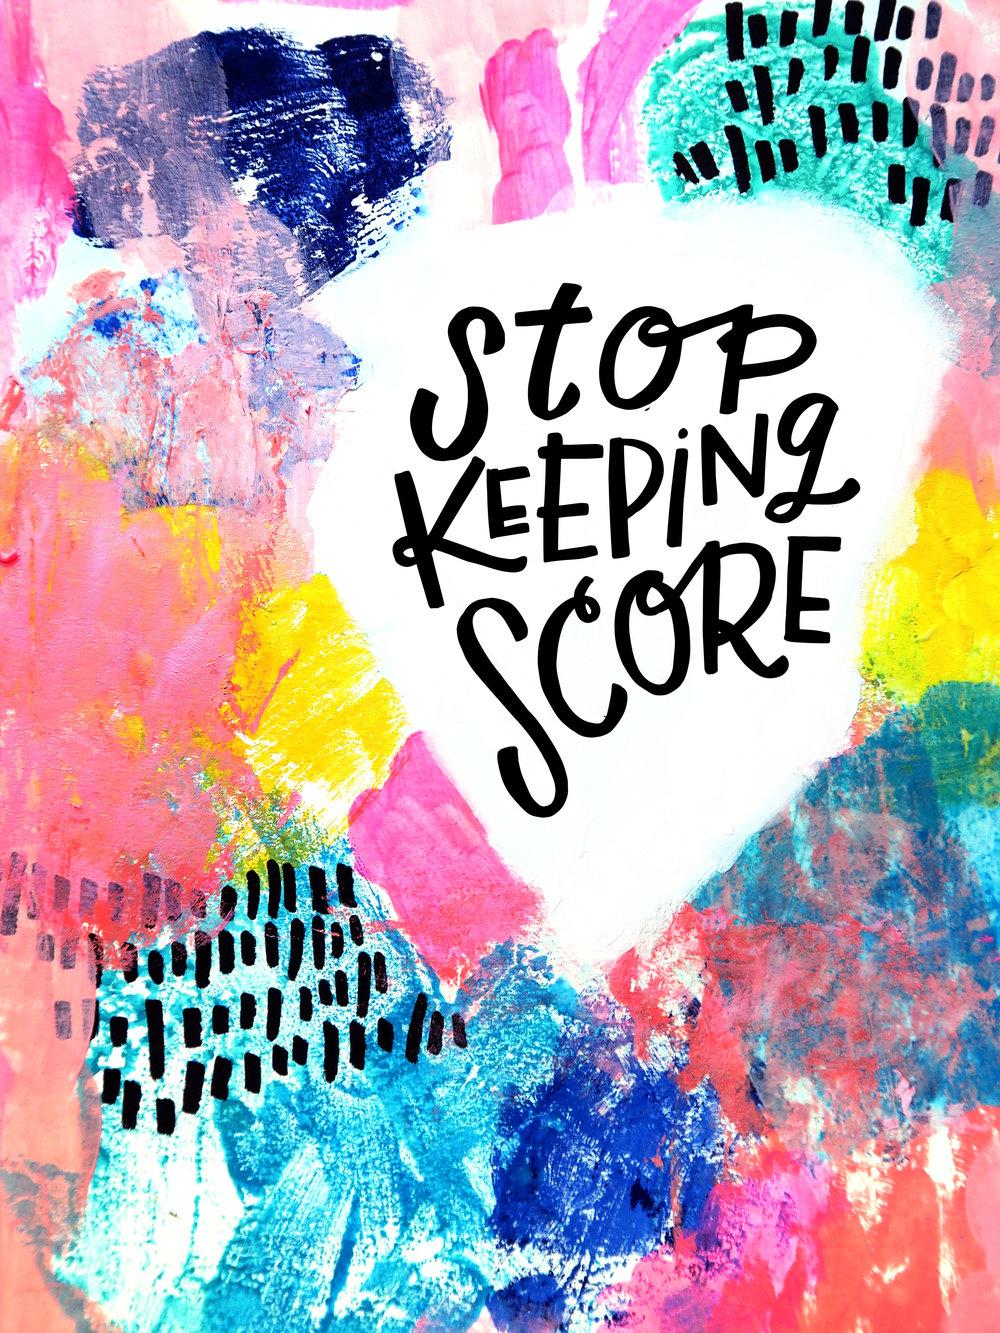 7/9/16: Score